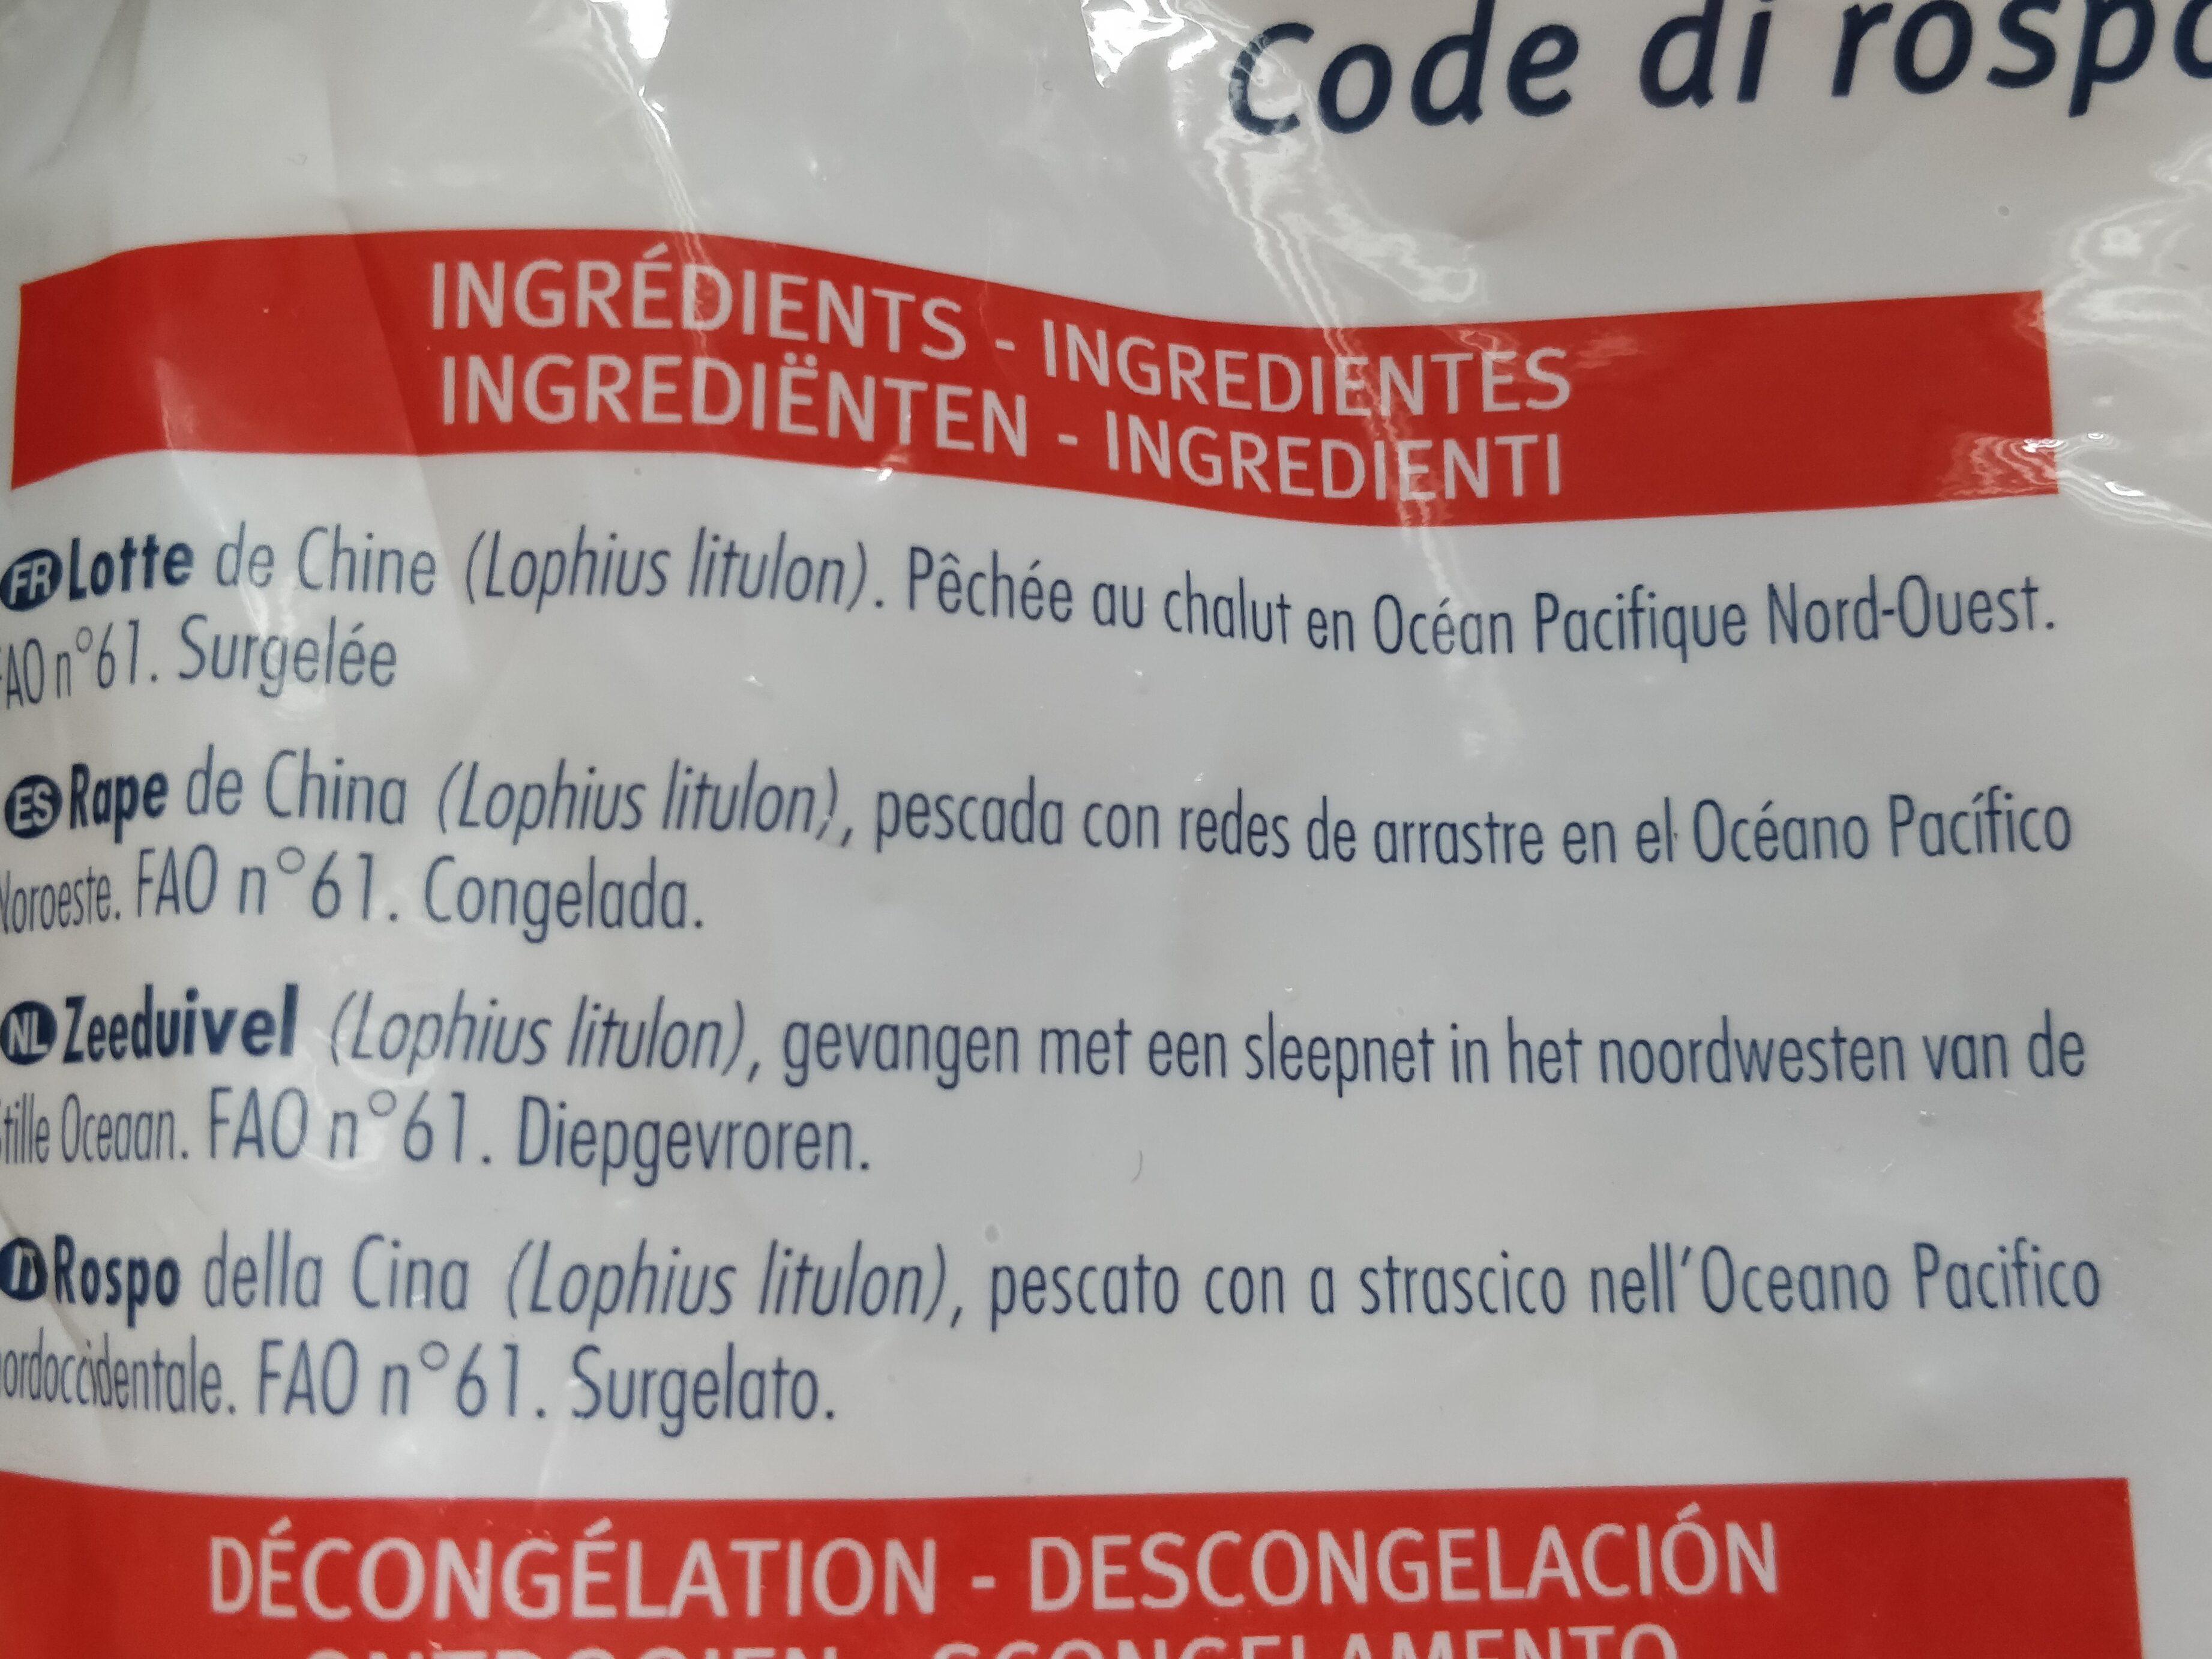 Queues de lotte de Chine - Ingrédients